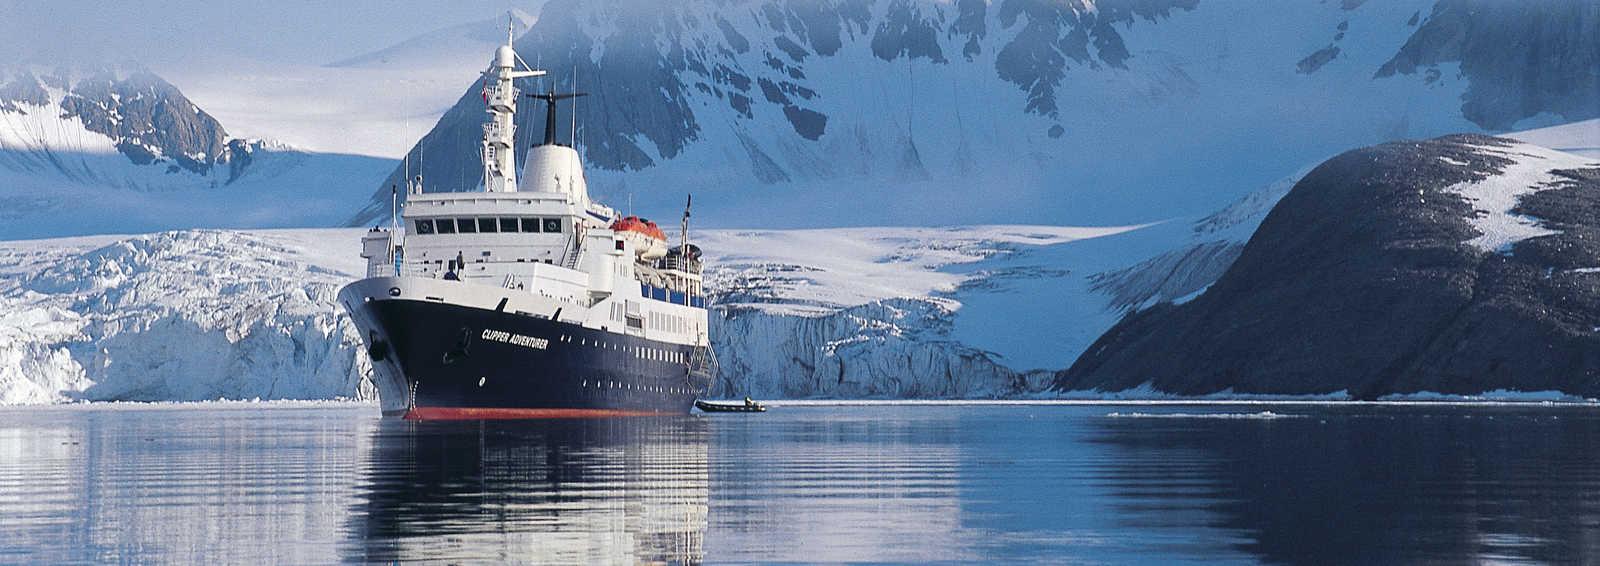 Sea Adventurer - before refit June 2017 to become Ocean Adventurer